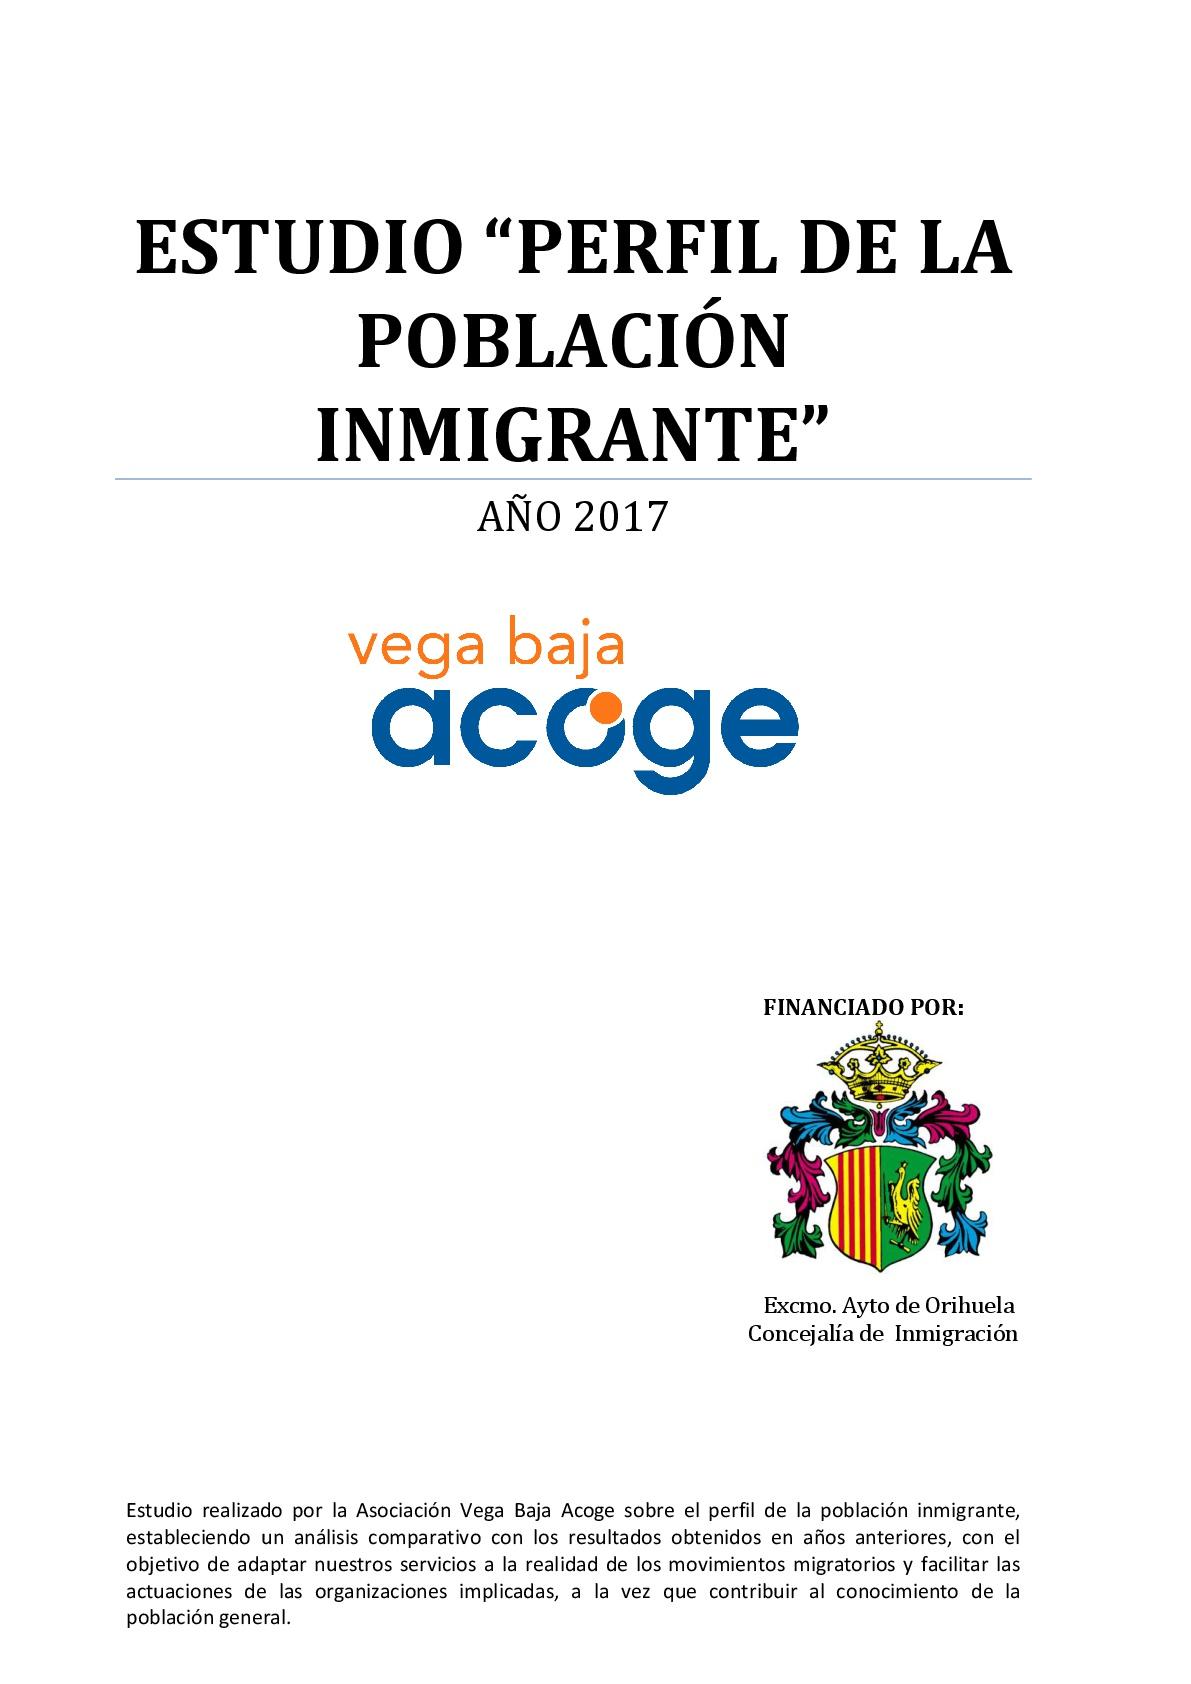 Estudio Vega Baja Acoge 2017